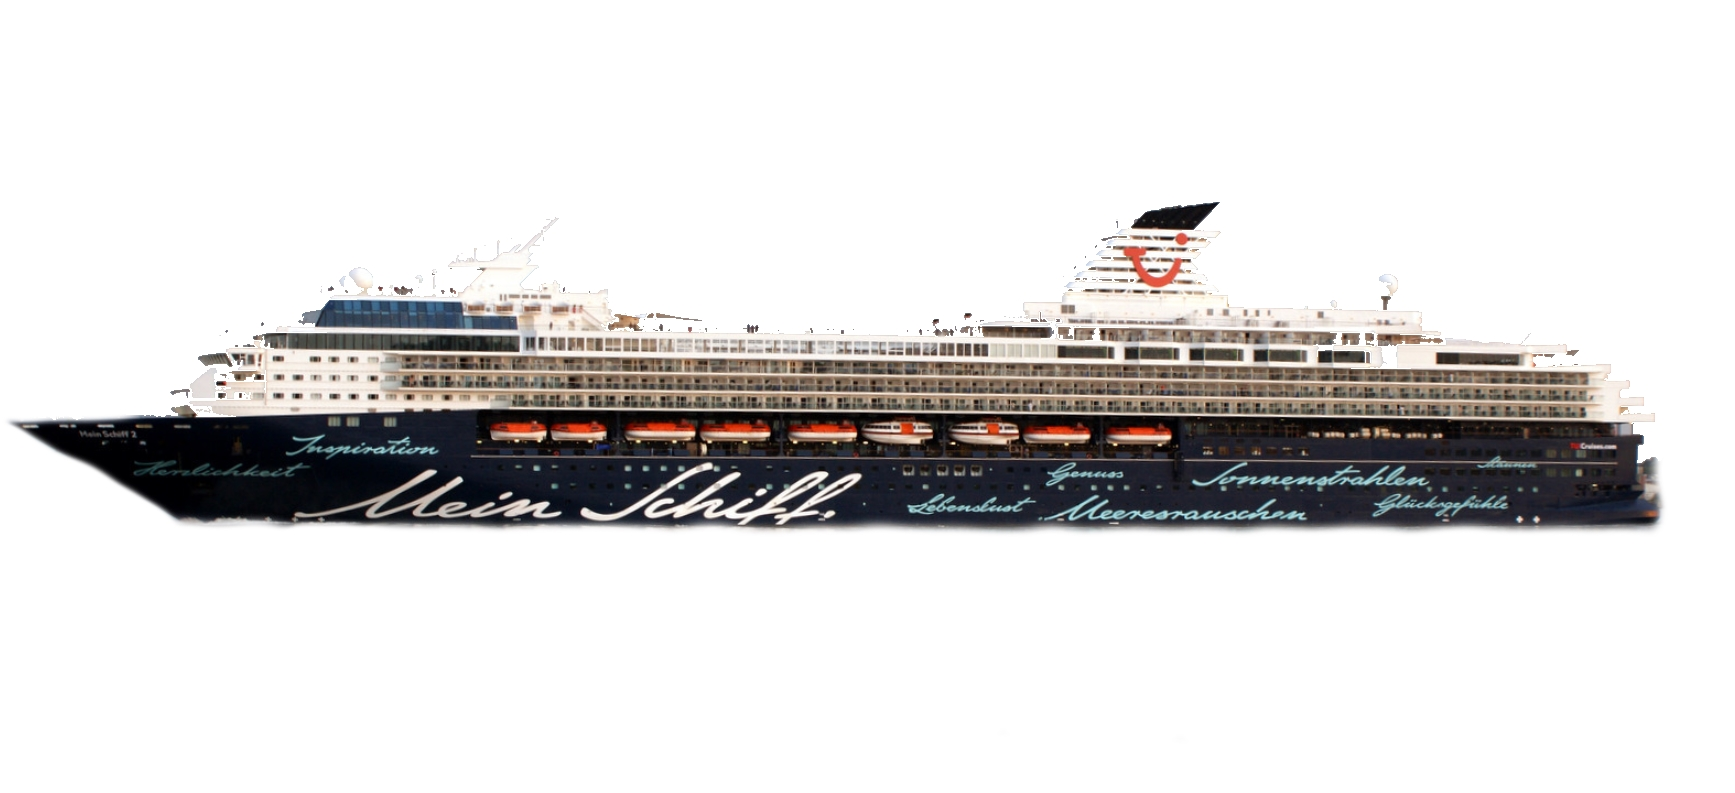 TUI Excursions Gibraltar Mein Schiff passengers book online